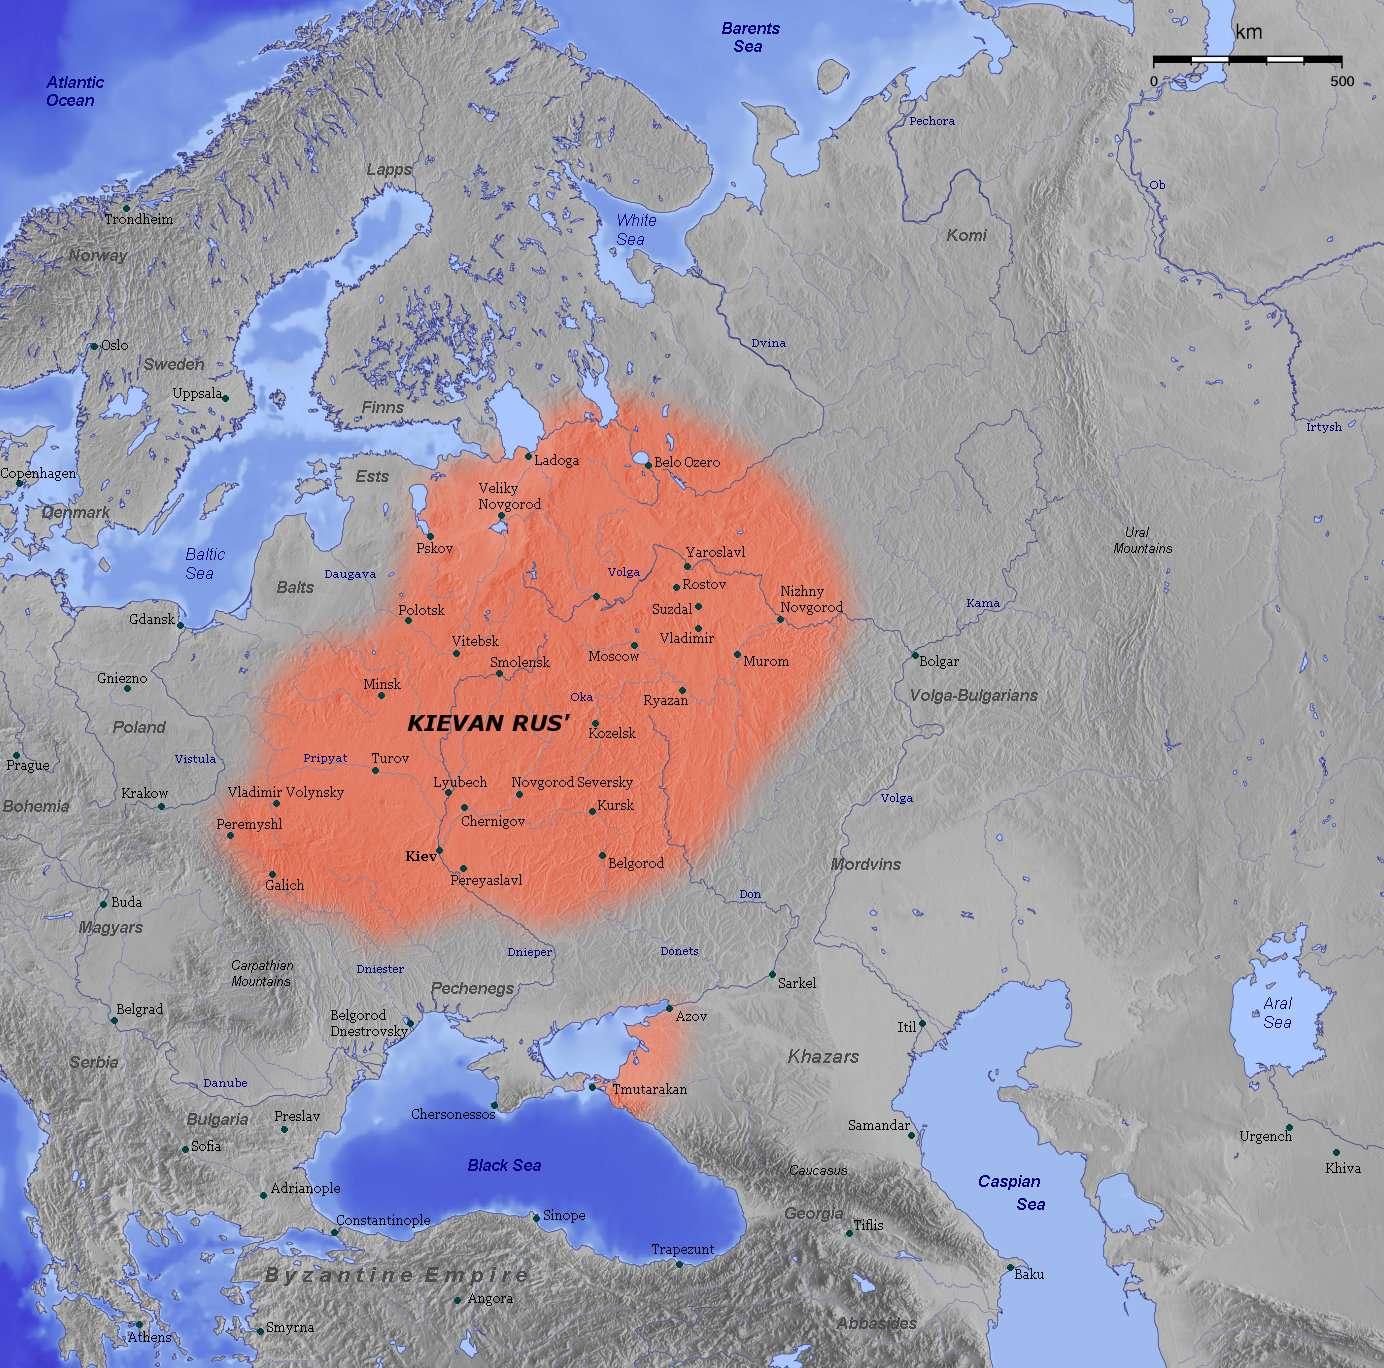 Το κράτος των Ρως του Κιέβου